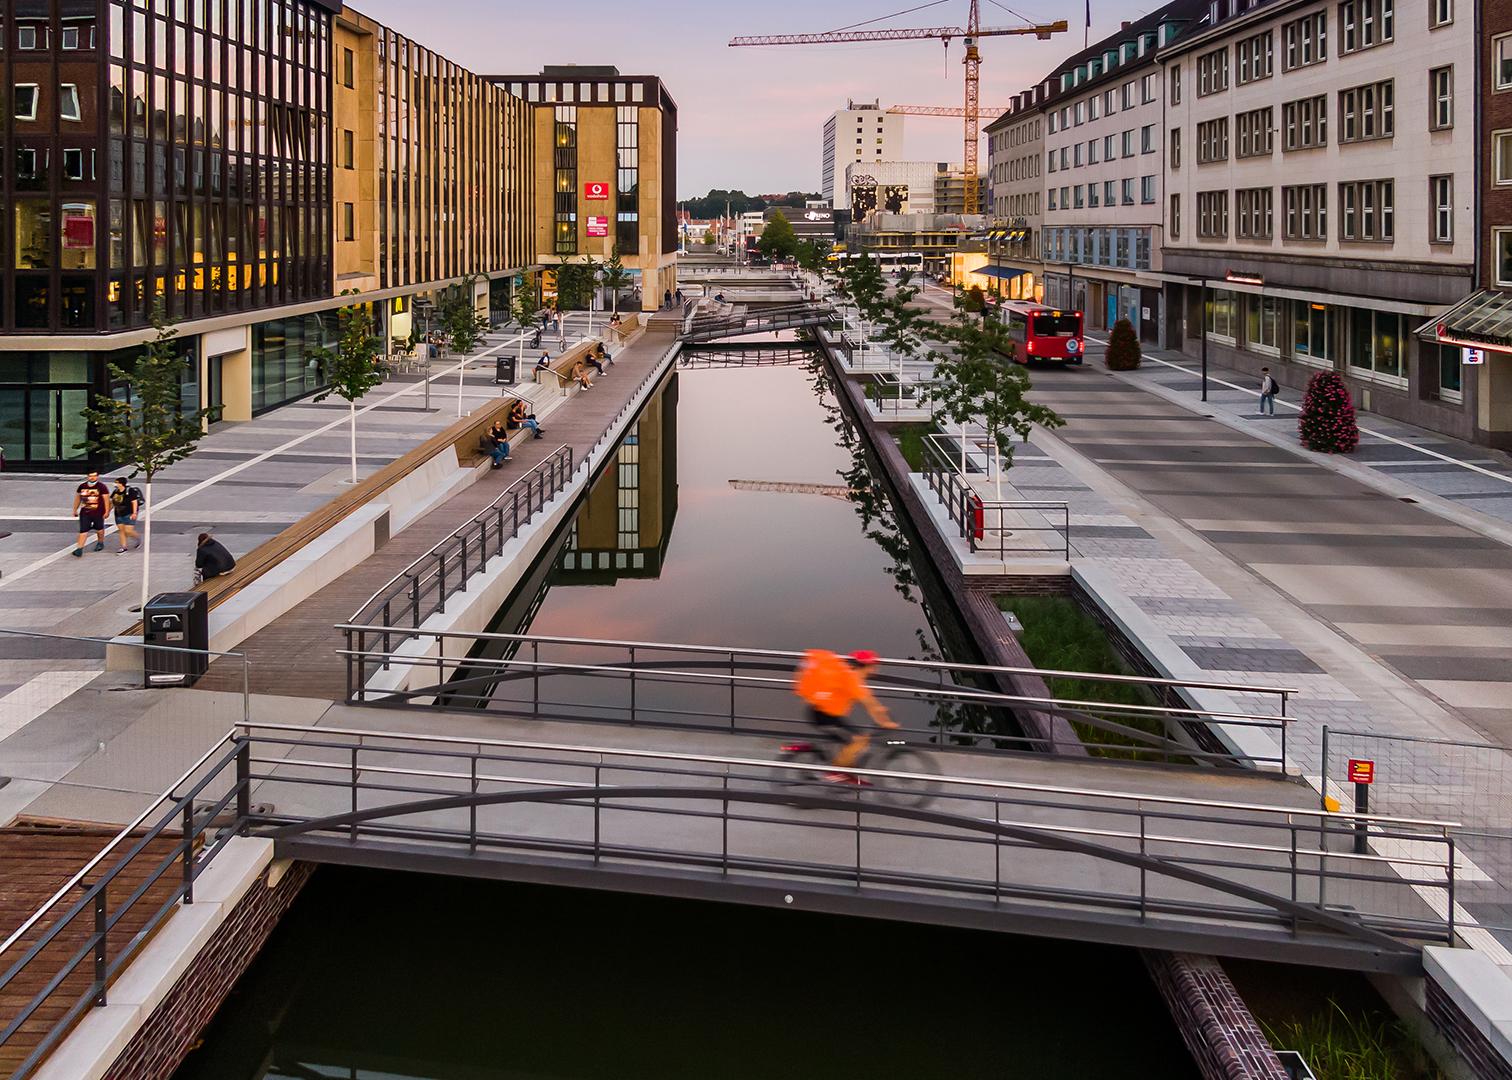 sauerzapfe-architekten-bruecke-kleiner-kiel-kanal-holstenfleet-kiel-03